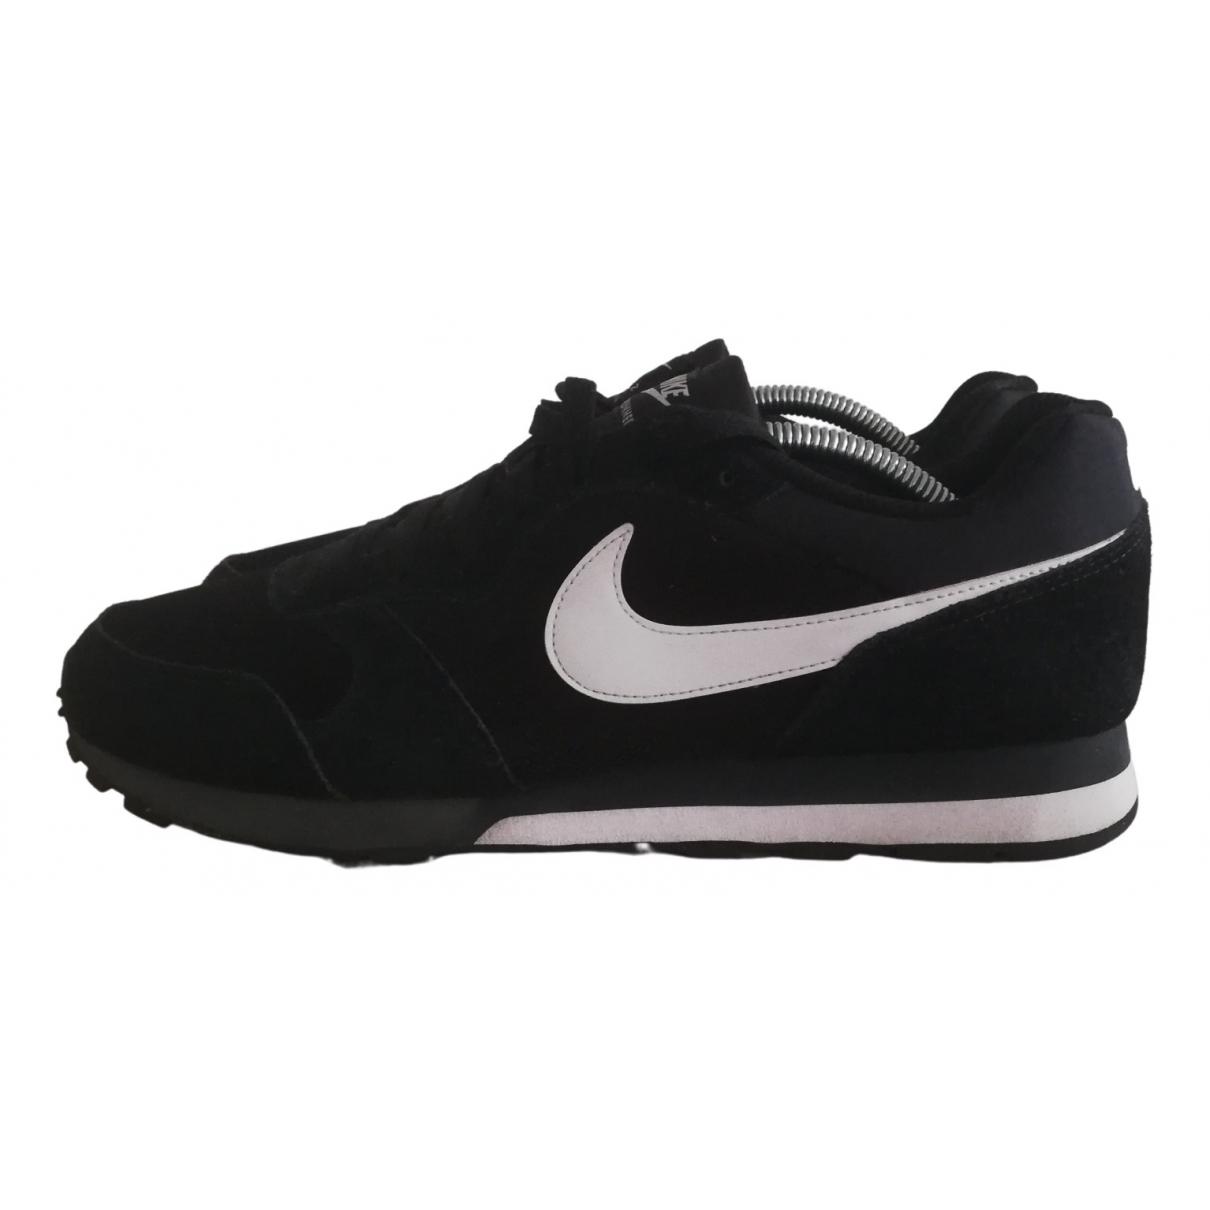 Nike N Black Cloth Trainers for Men 44.5 EU